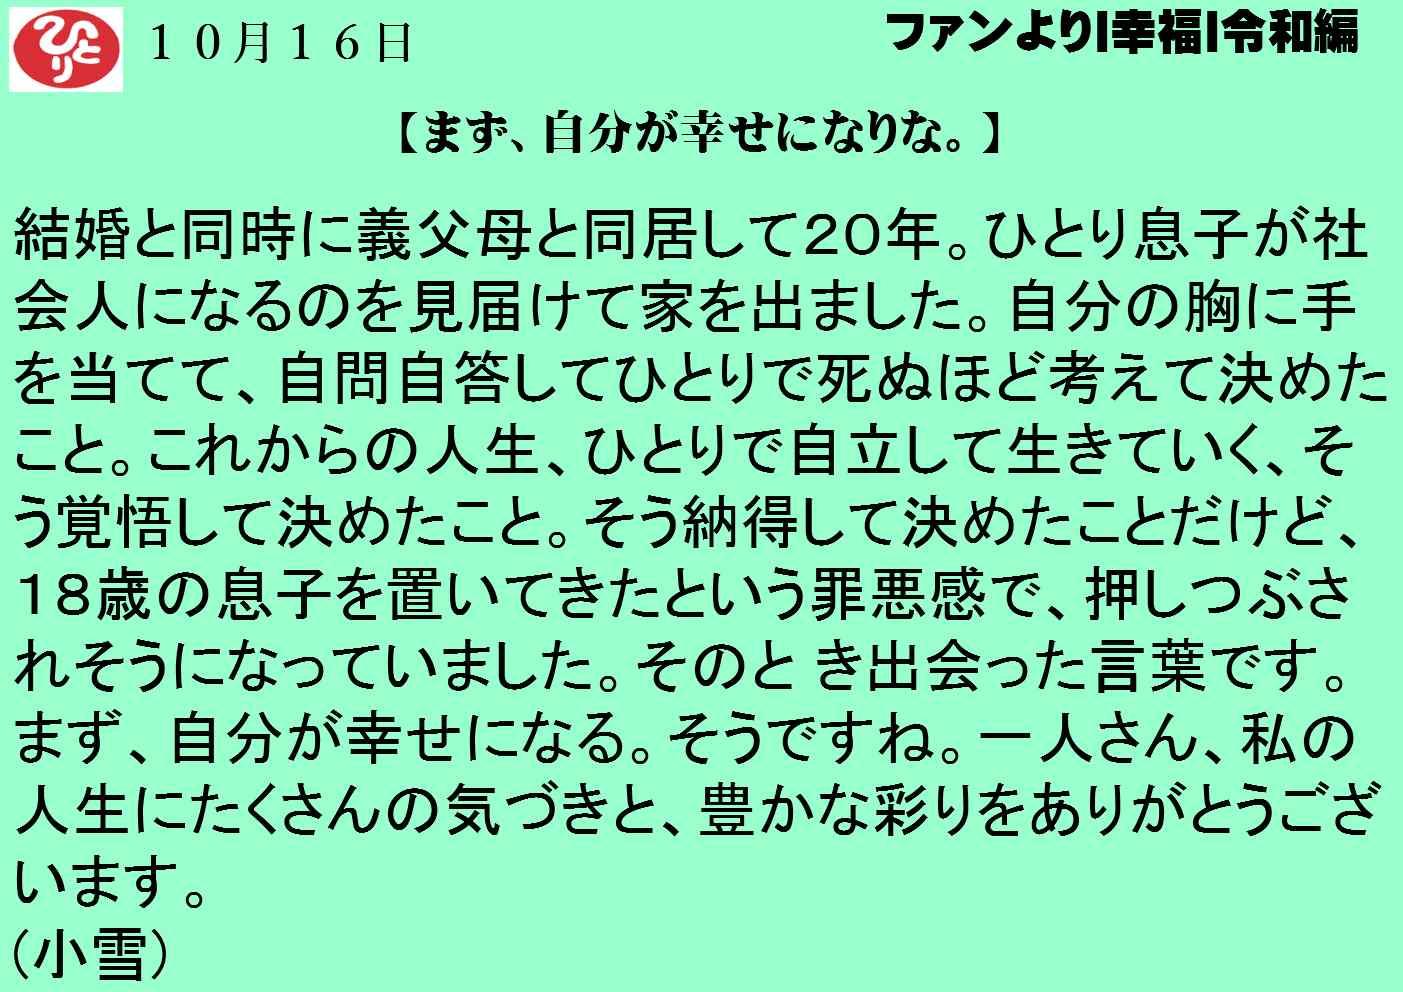 10月16日 まず、自分が幸せになりな。 令和一日一語斎藤一人 ファンより 幸福